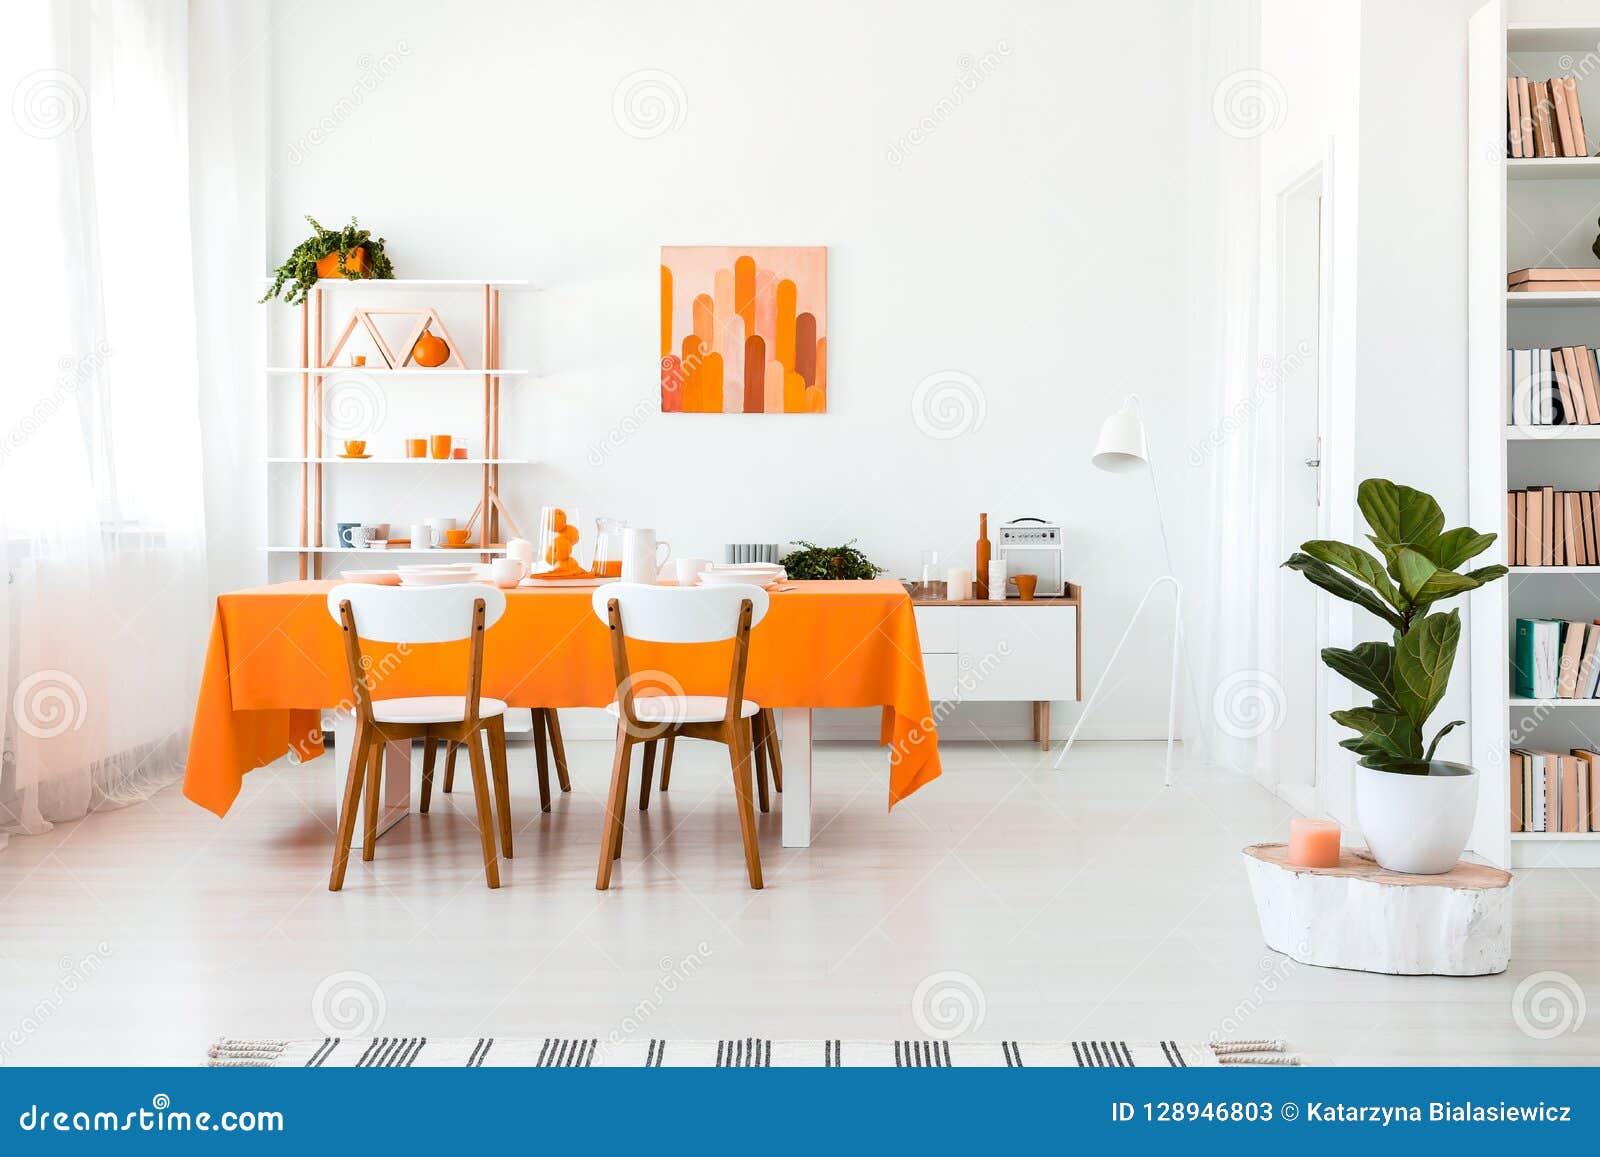 Modieuze maar eenvoudige eetkamer in levendige kleur Oranje en wit binnenlands ontwerpconcept